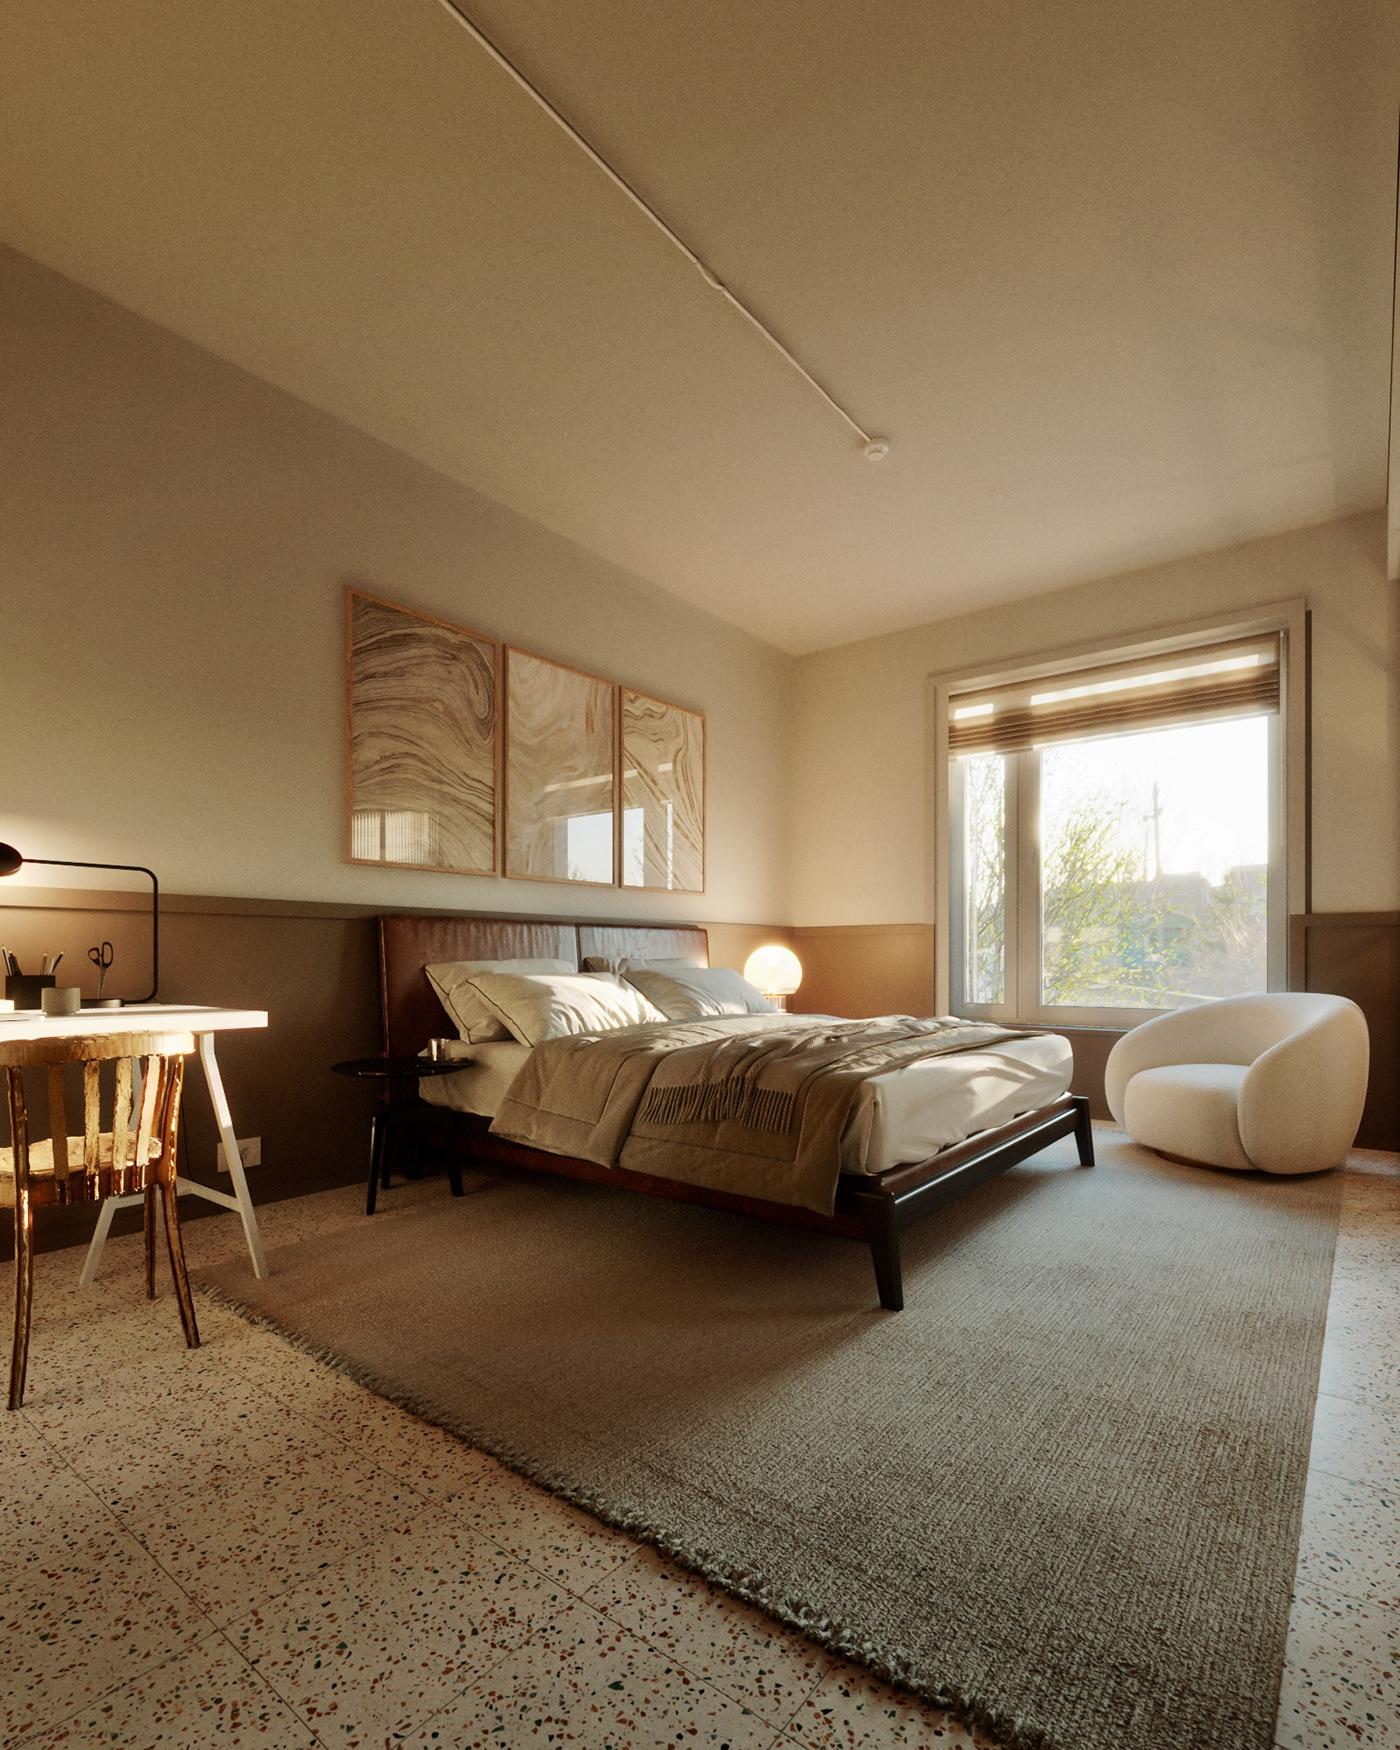 3dsmax architecture archviz corona renderer design interior design  Render